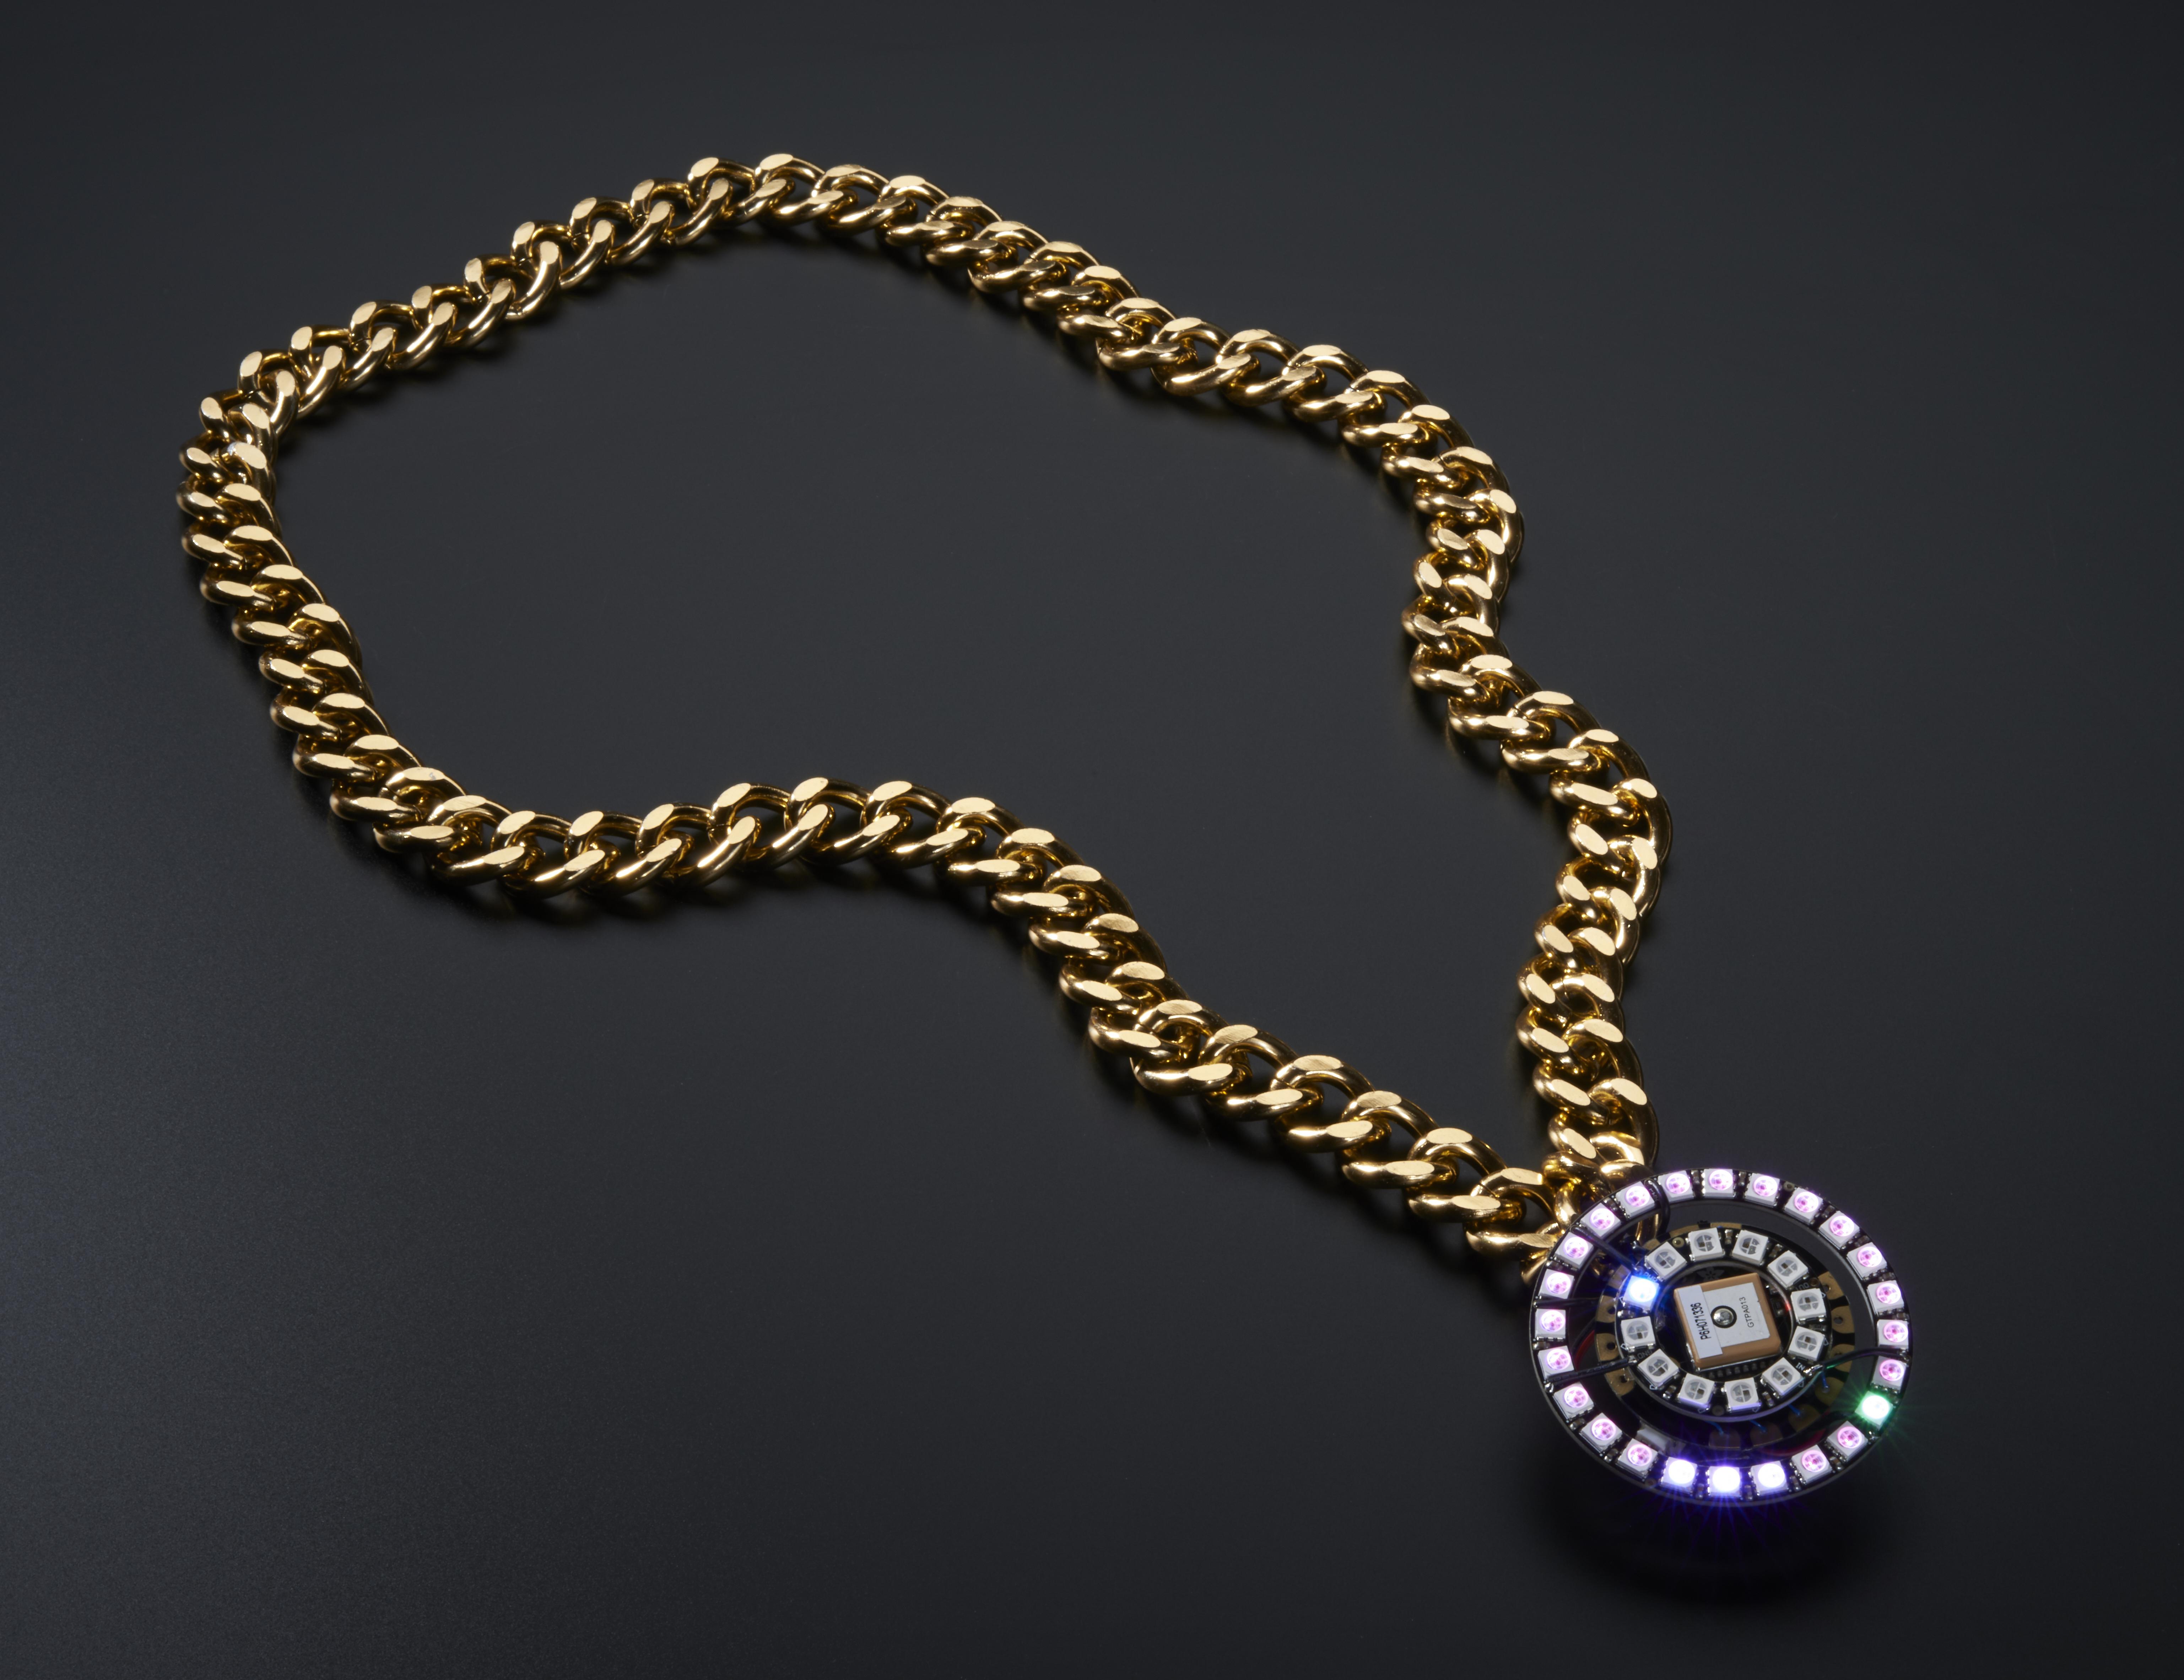 flora_neopixel-ring-clock-adafruit-necklace.jpg